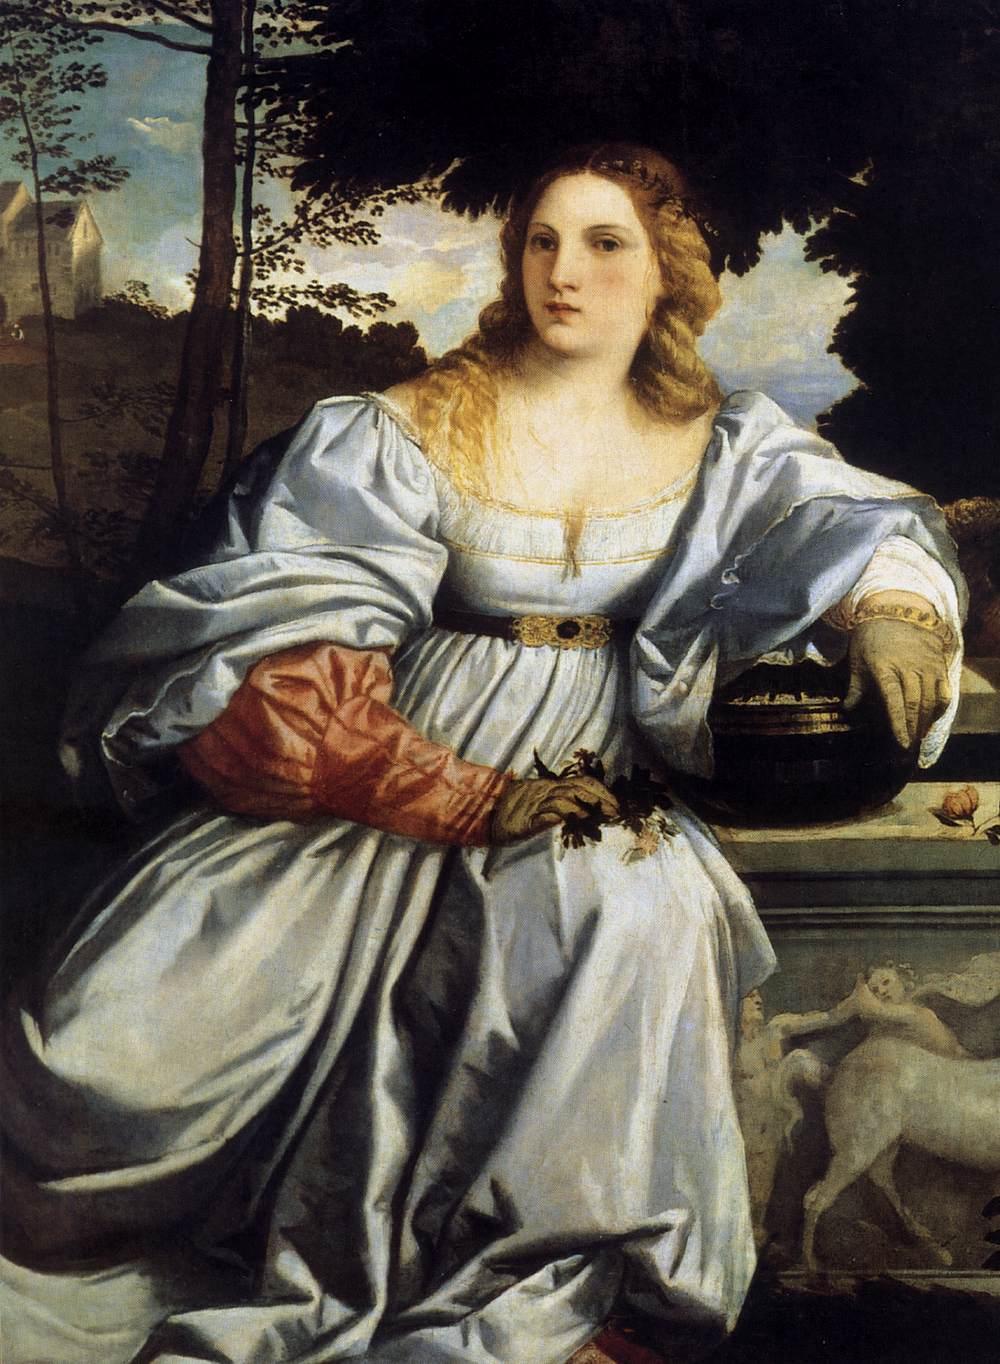 """Vecellio TIZIANO, """"Amour sacré et Amour profane (détail)"""", (1514), Rome, Galleria Borghese (source : WGA)."""